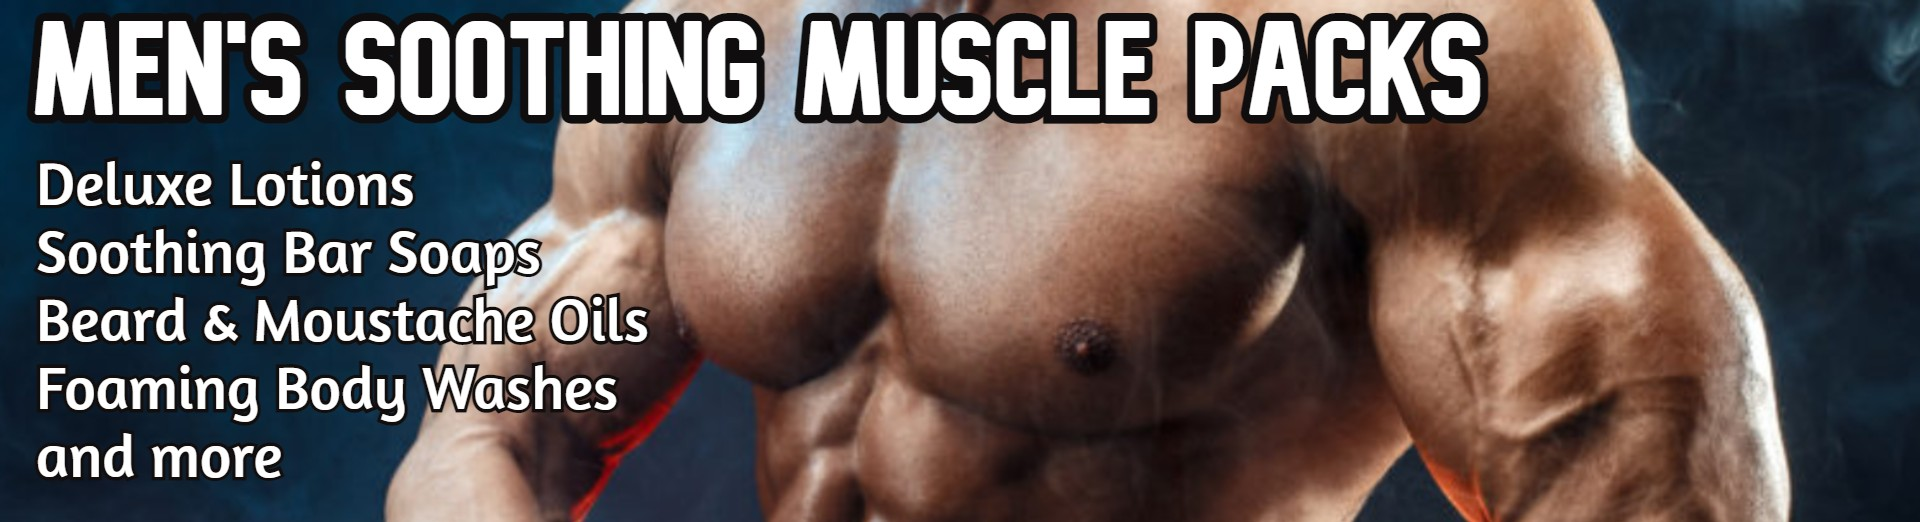 mens-soothing-muscle-pack.jpg